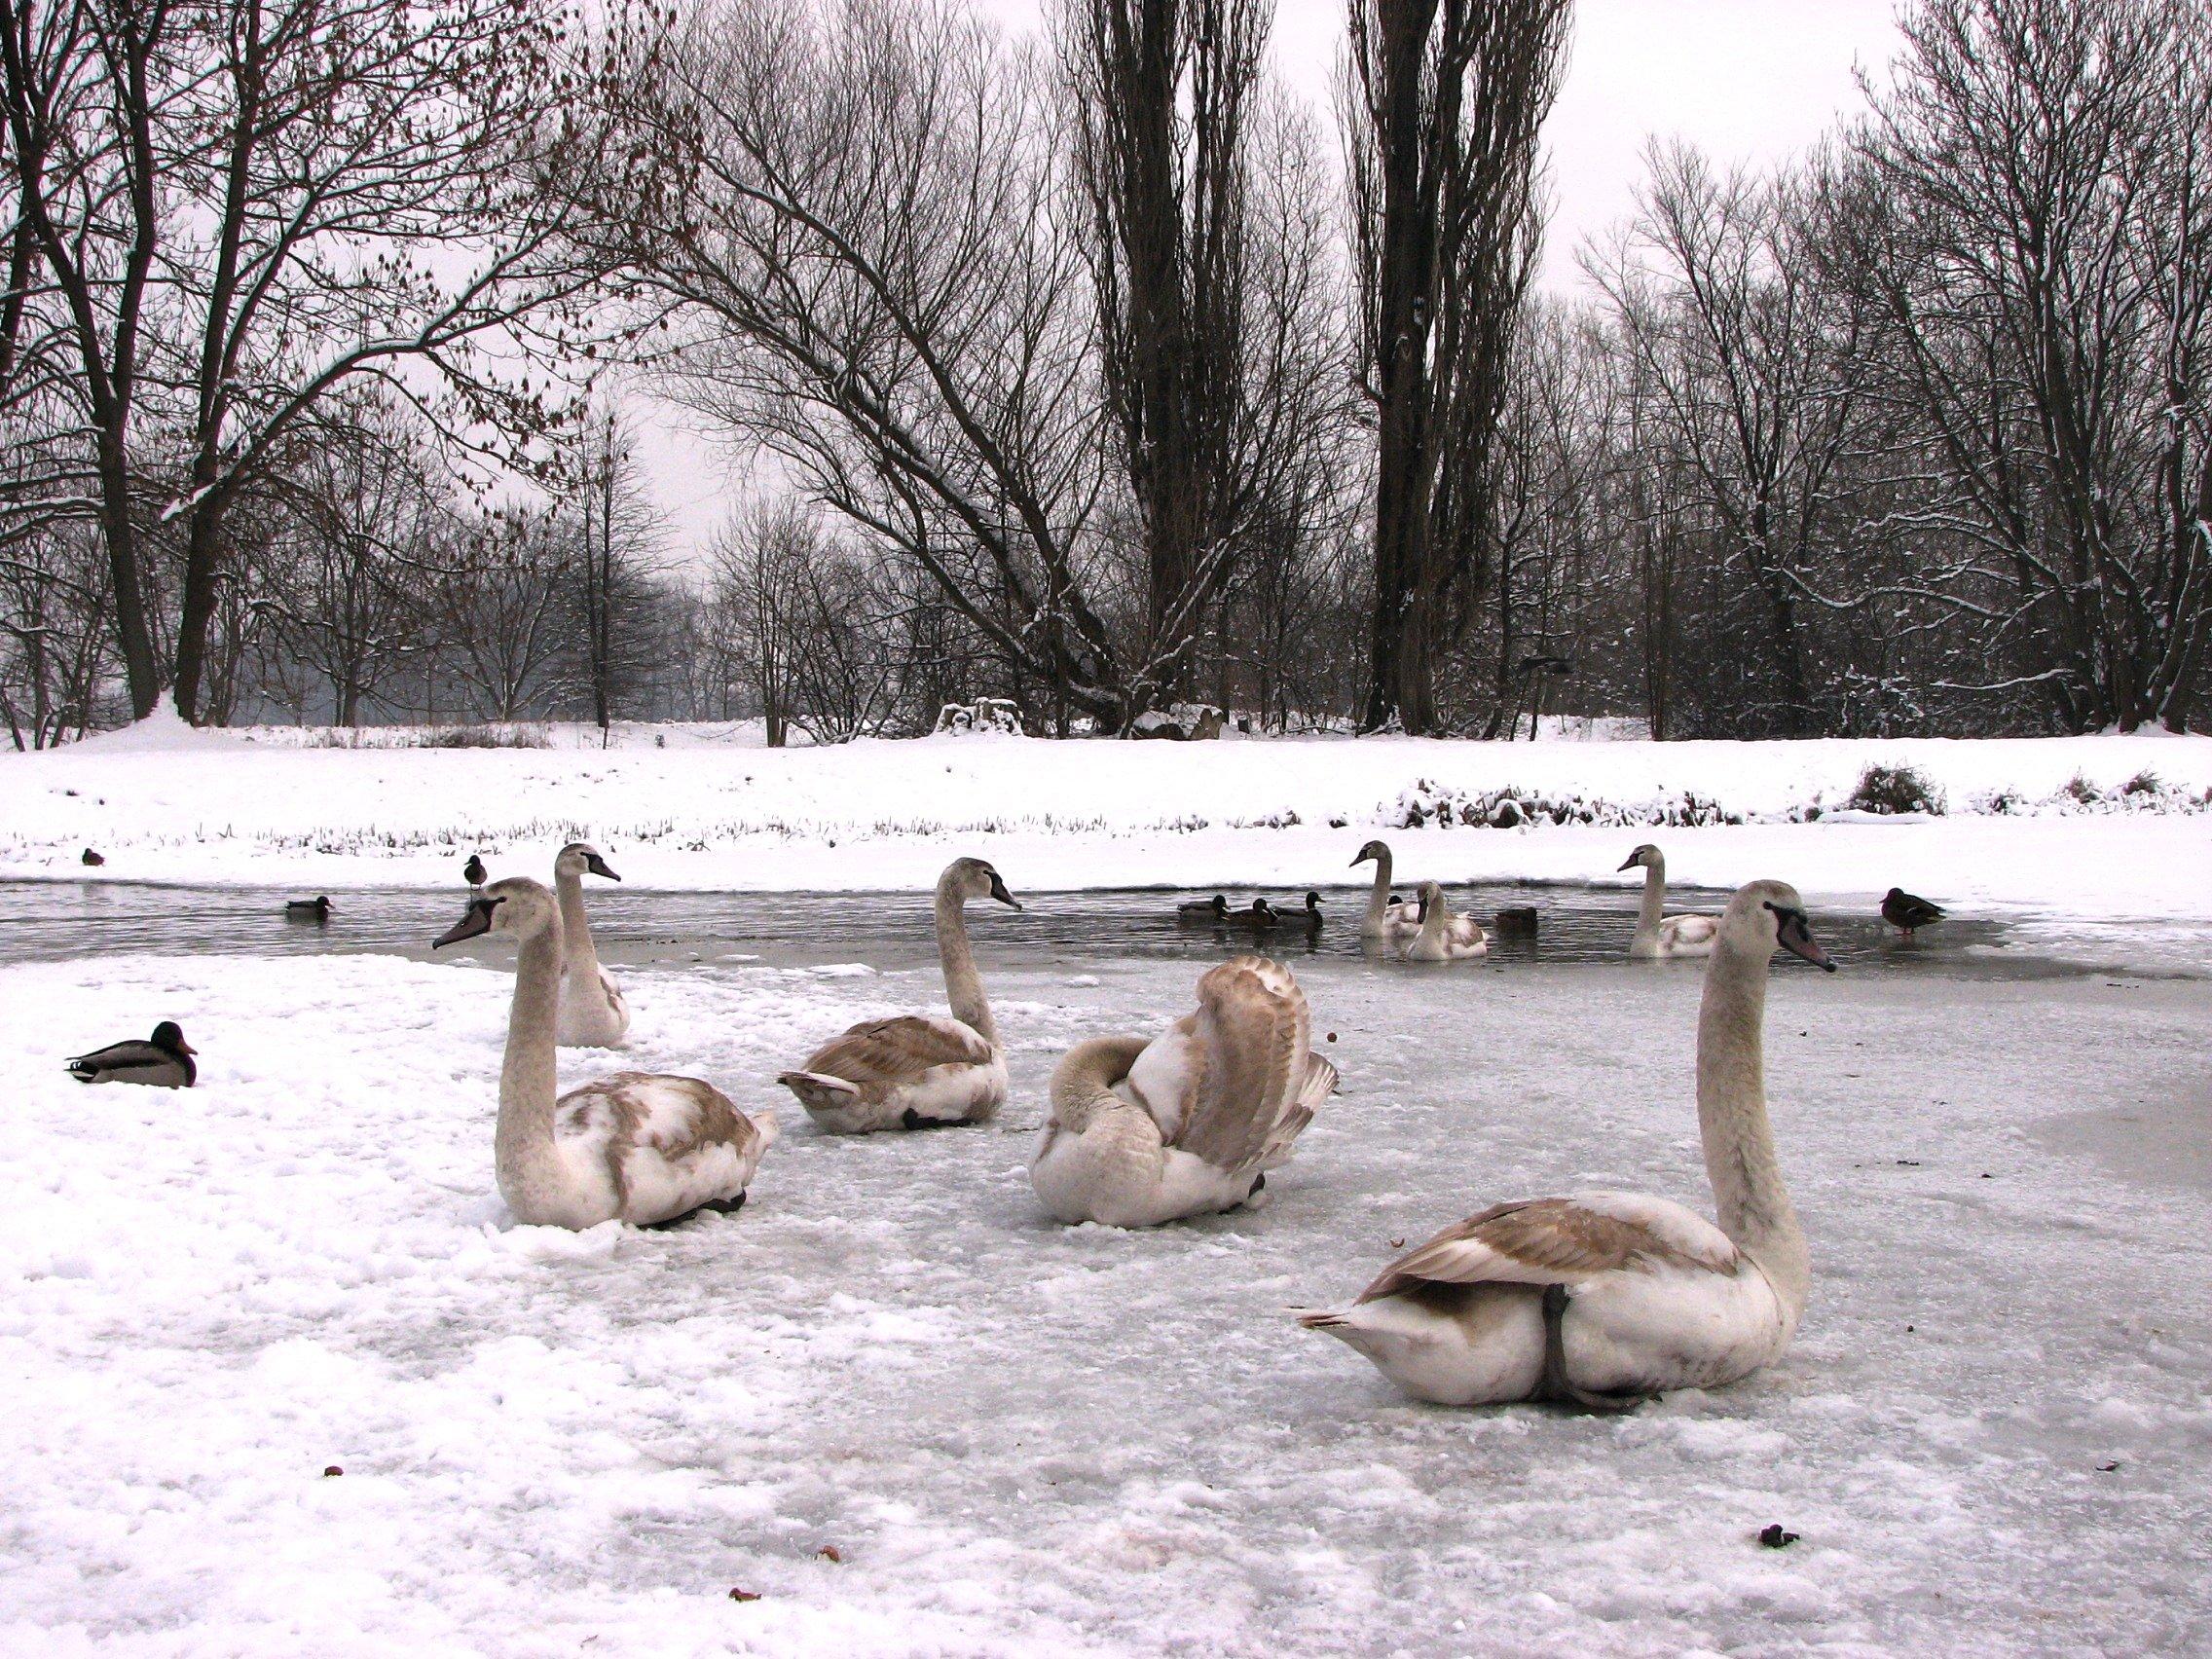 ptaki-zimujace-w-ujsciu-potoku-sluzewieckiego-fot-julia-dobrzanska